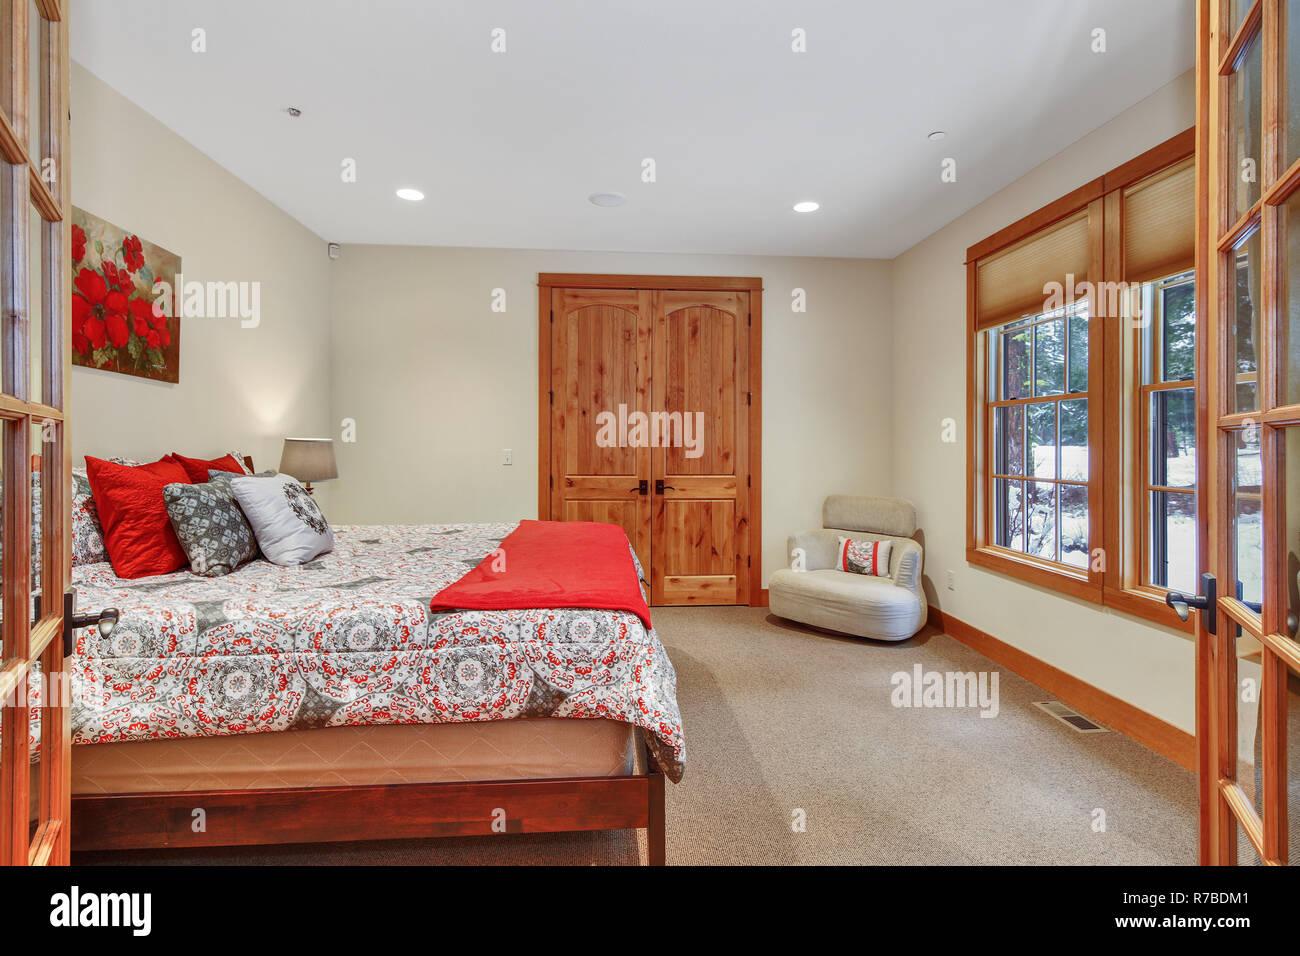 Schönes Schlafzimmer Einrichtung mit beigefarbenen Wänden ...